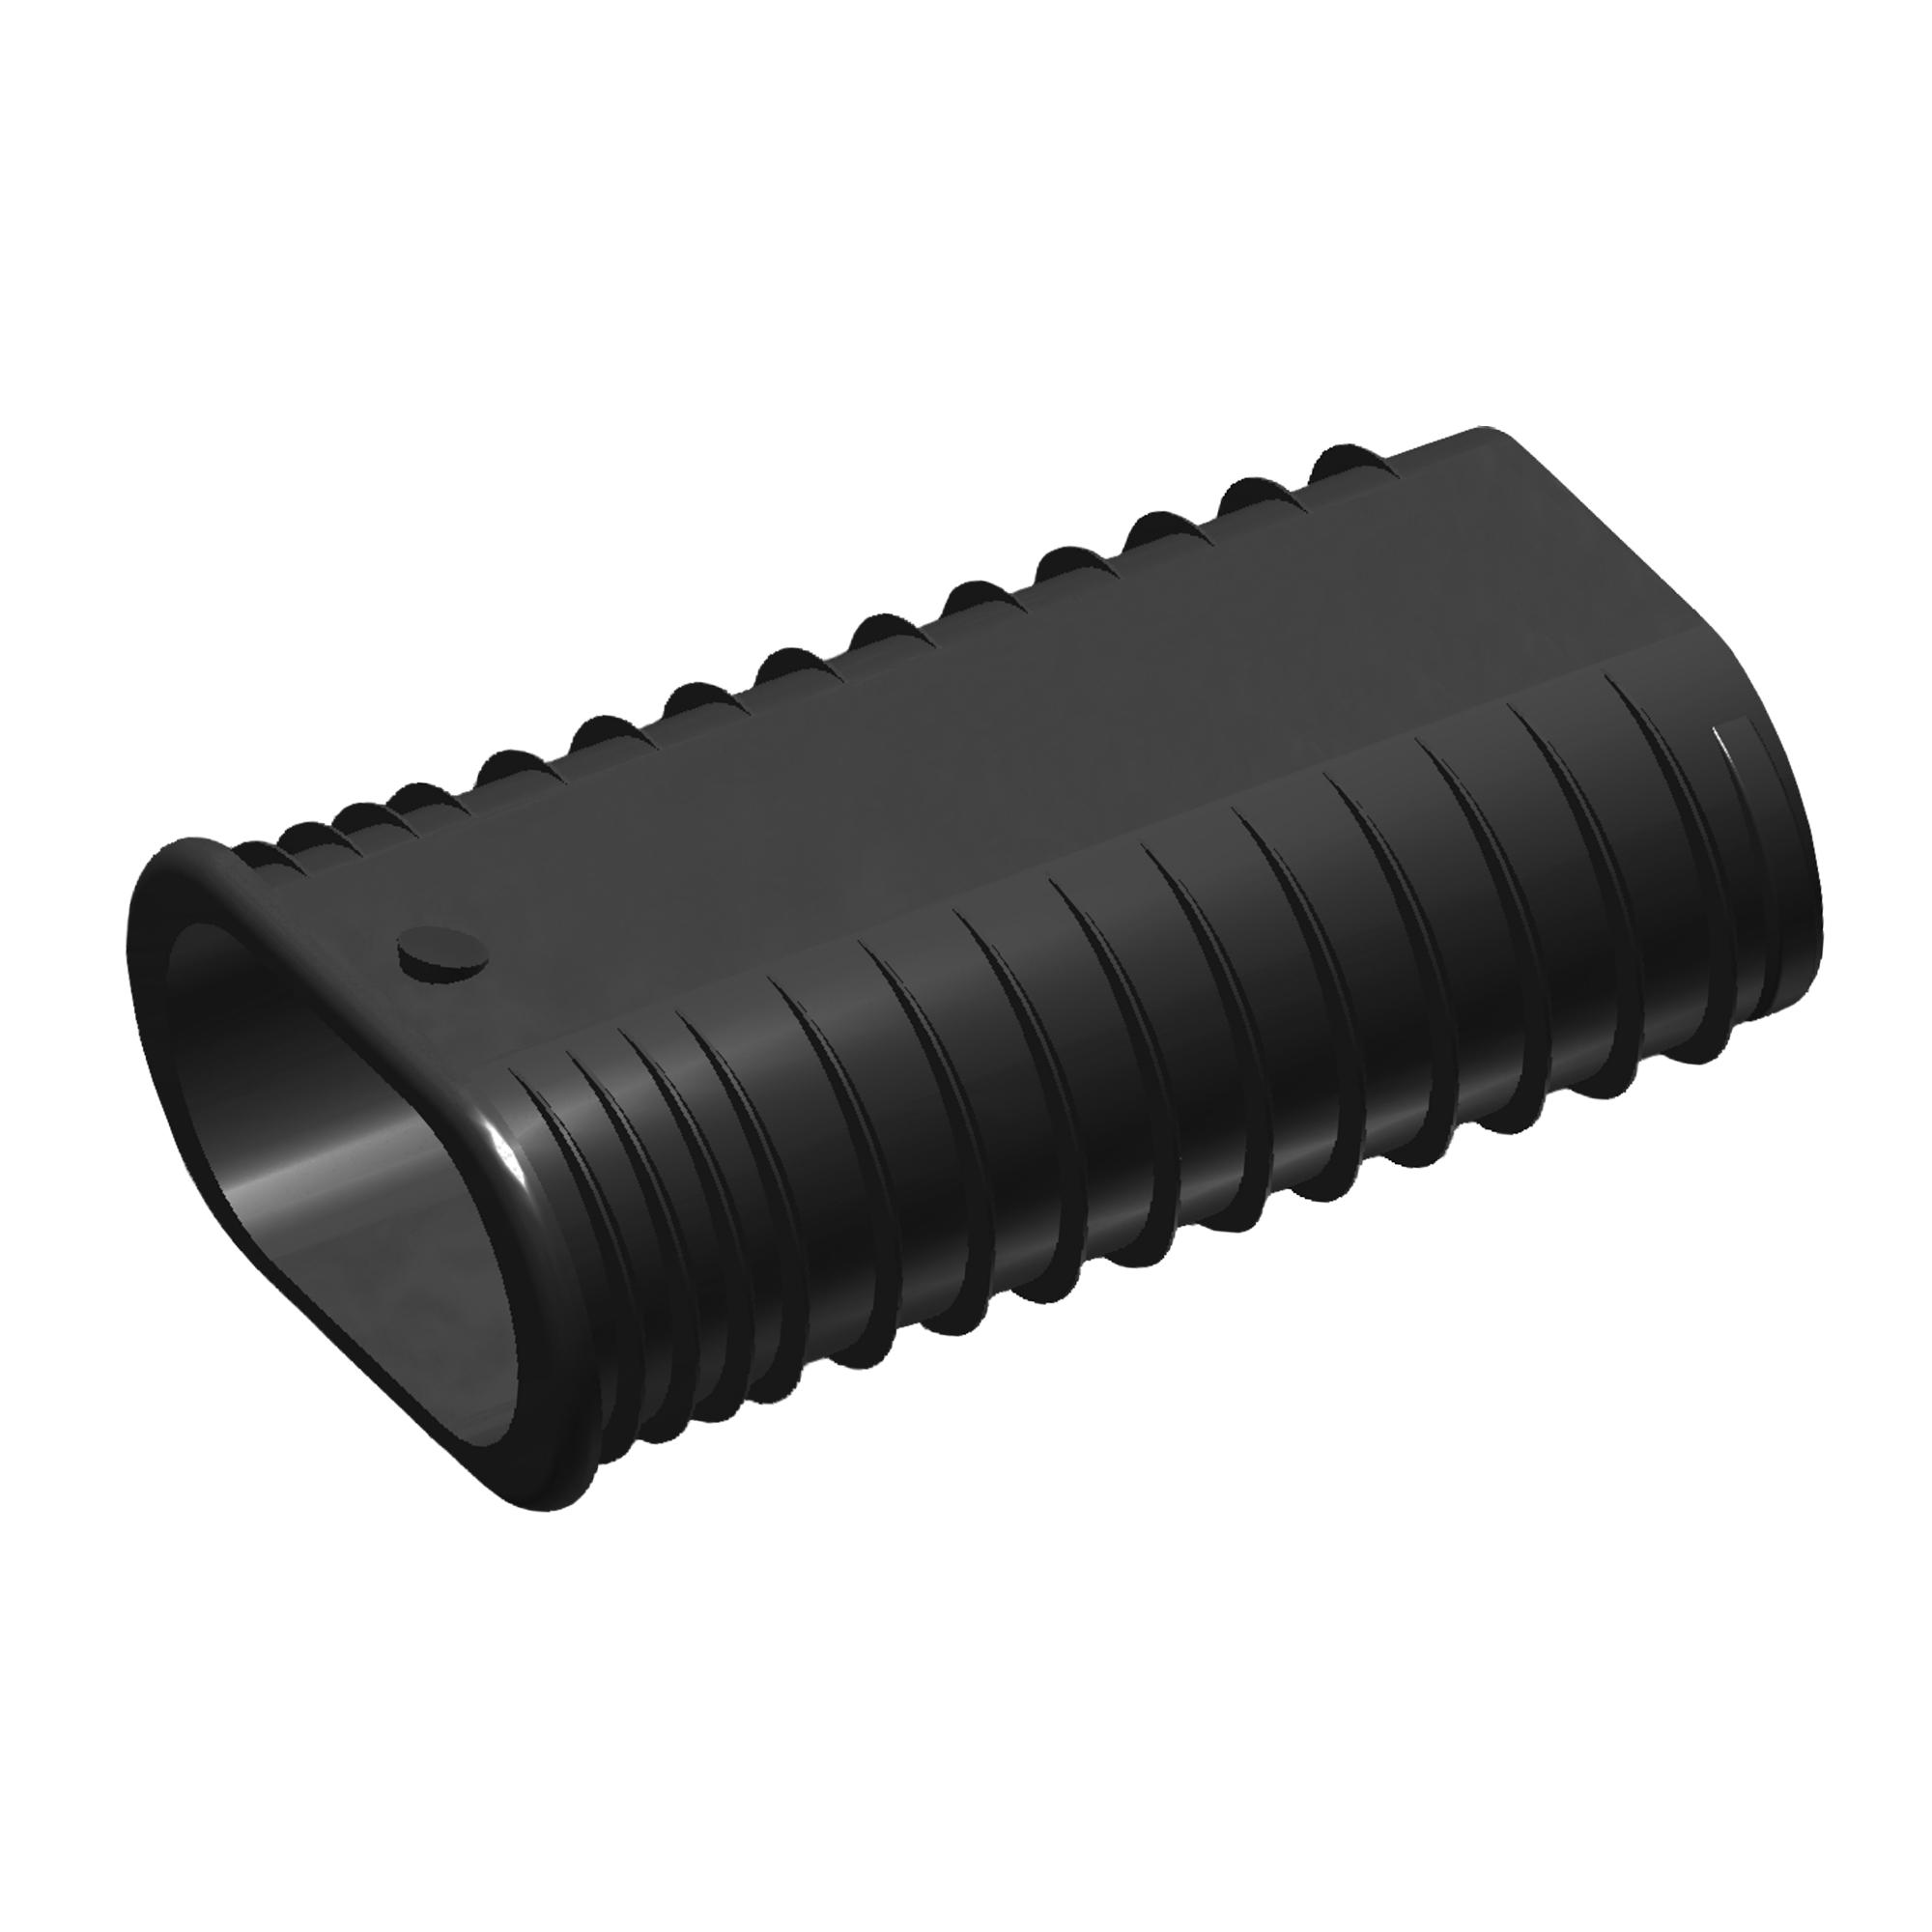 Redutor Oblongo 98x50 / 77x40 mm com Trava